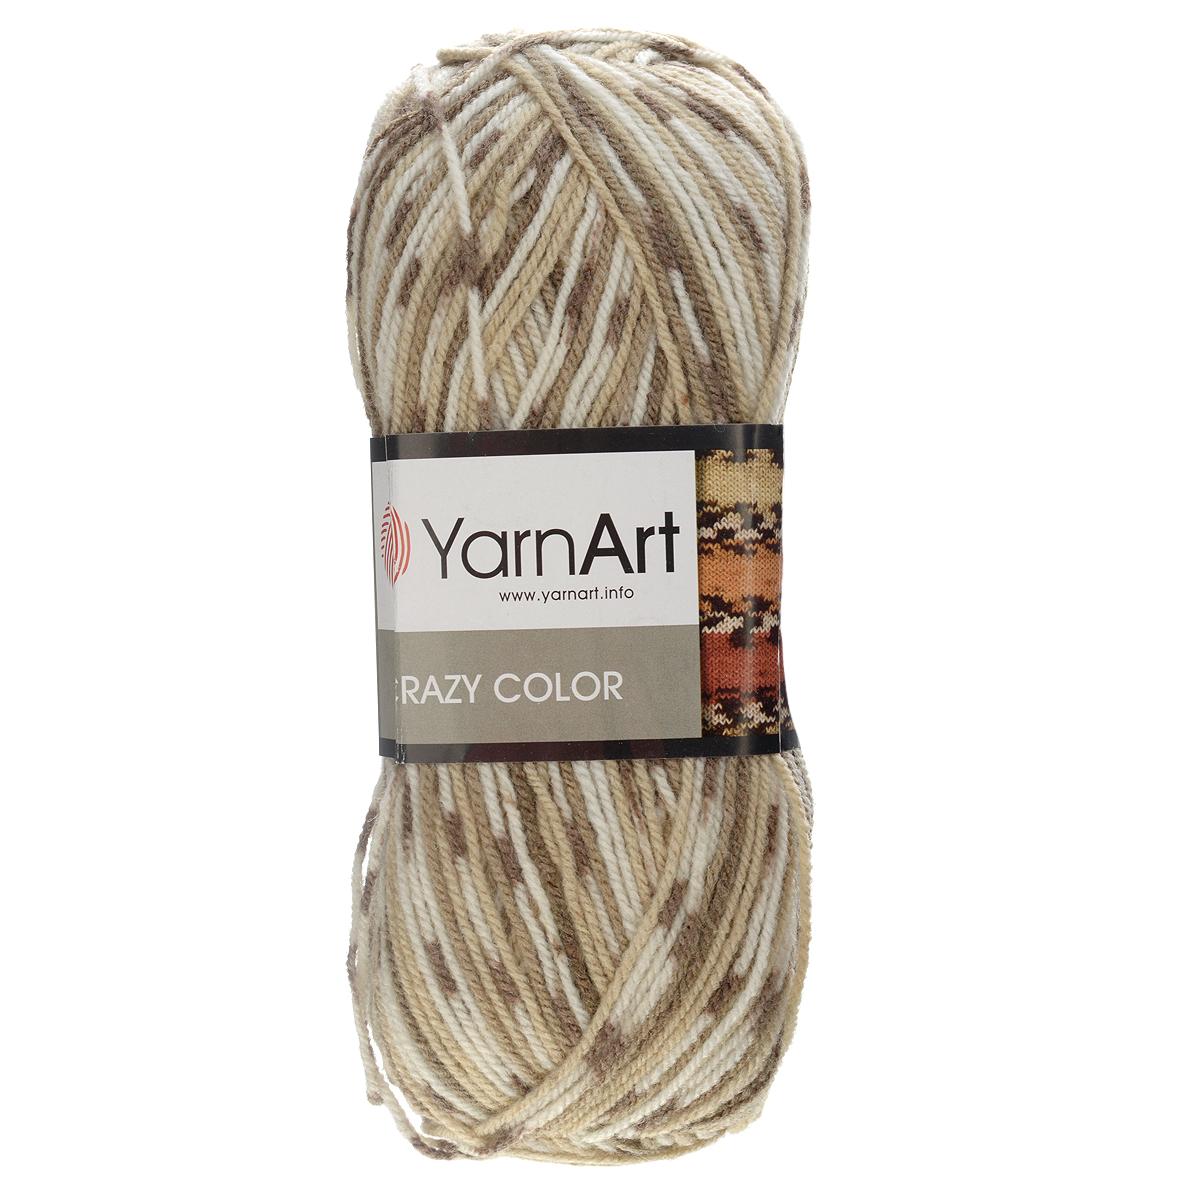 Пряжа для вязания YarnArt Crazy Color, цвет: белый, коричневый, 260 м, 100 г, 5 шт372036_110Пряжа для вязания YarnArt Crazy Color изготовлена из натуральной шерсти и акрила. Пряжа из такого материала очень мягкая и приятная на ощупь. Вещи, связанные из данной пряжи, получаются очень яркими. Пряжа прекрасно подходит для создания зимних вещей: свитеров, кардиганов, жилетов, шапок, беретов, палантинов, шарфов, перчаток, варежек и т.д. Не колется и может использоваться для изготовления детской одежды. Рекомендуется использовать спицы № 3,5. Состав: 25% шерсть, 75% акрил.